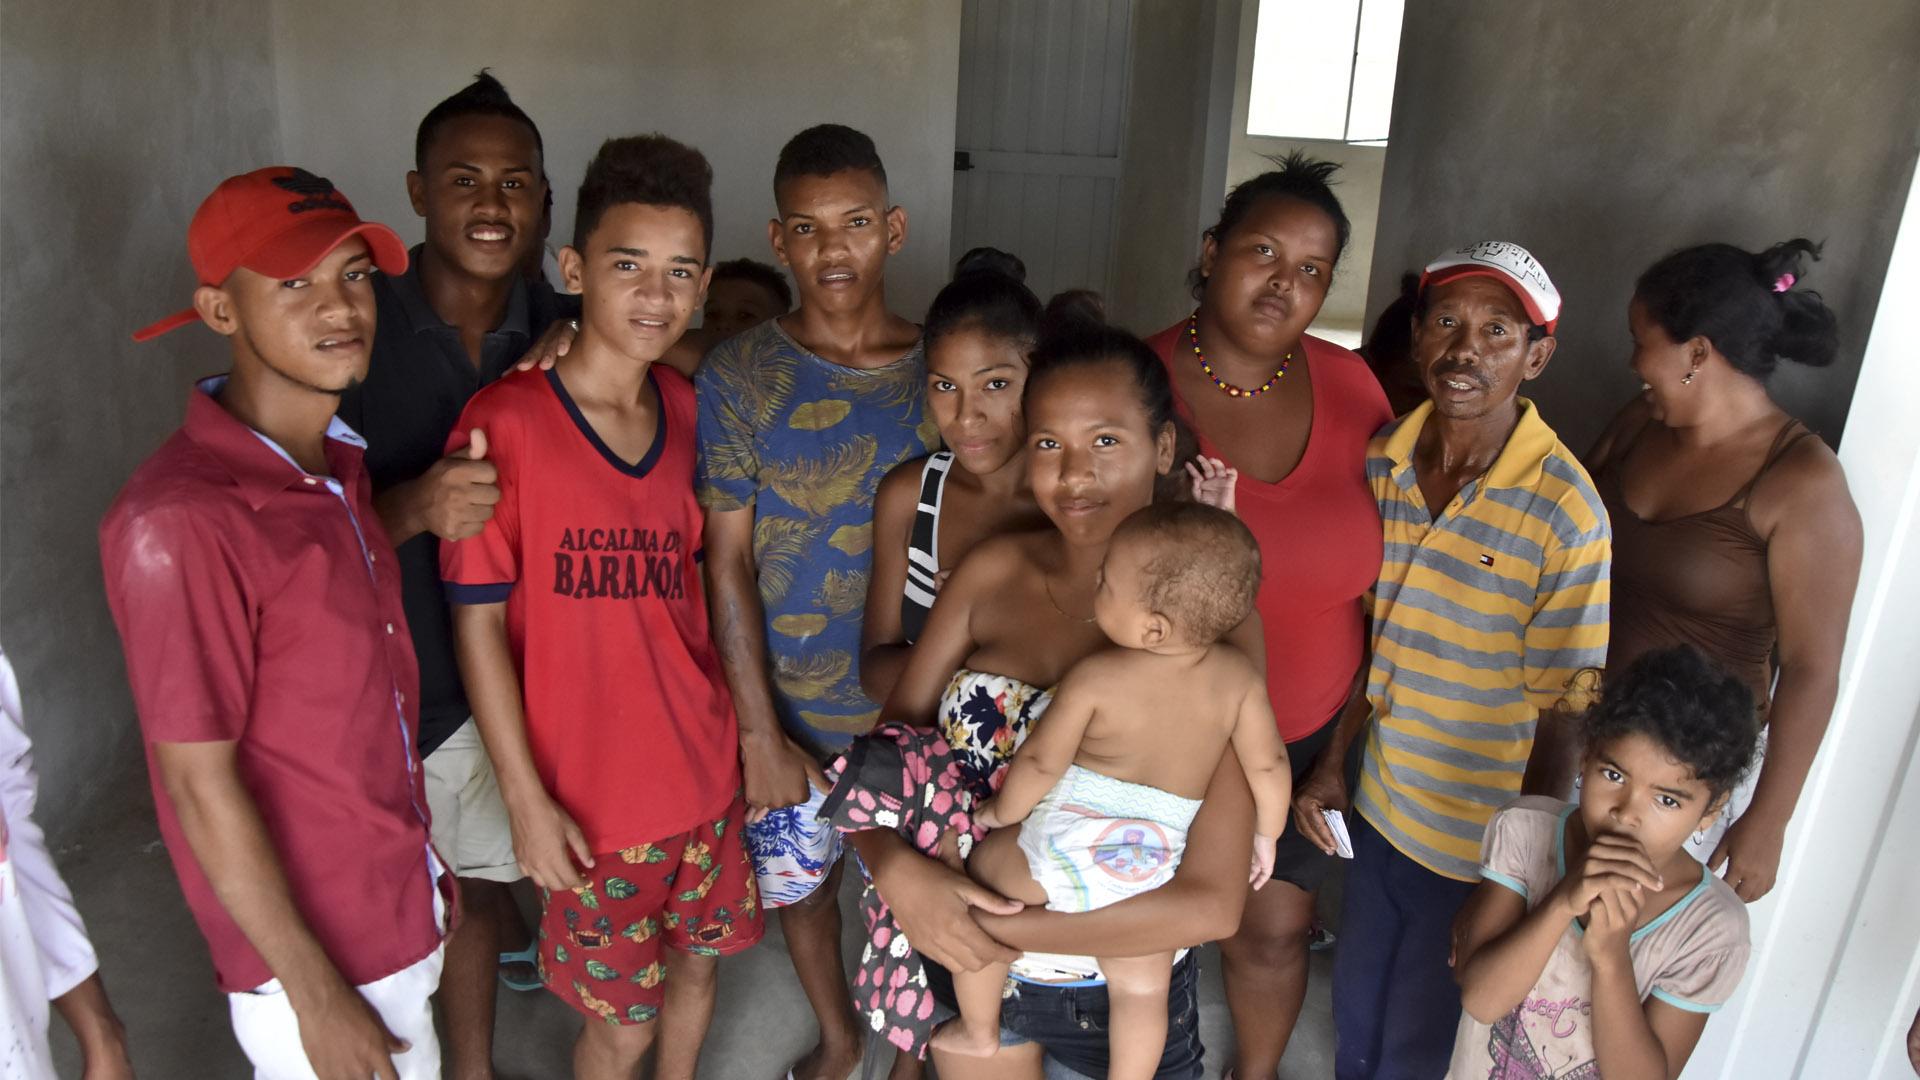 Una de las familias en el interior de una de las viviendas invadidas.